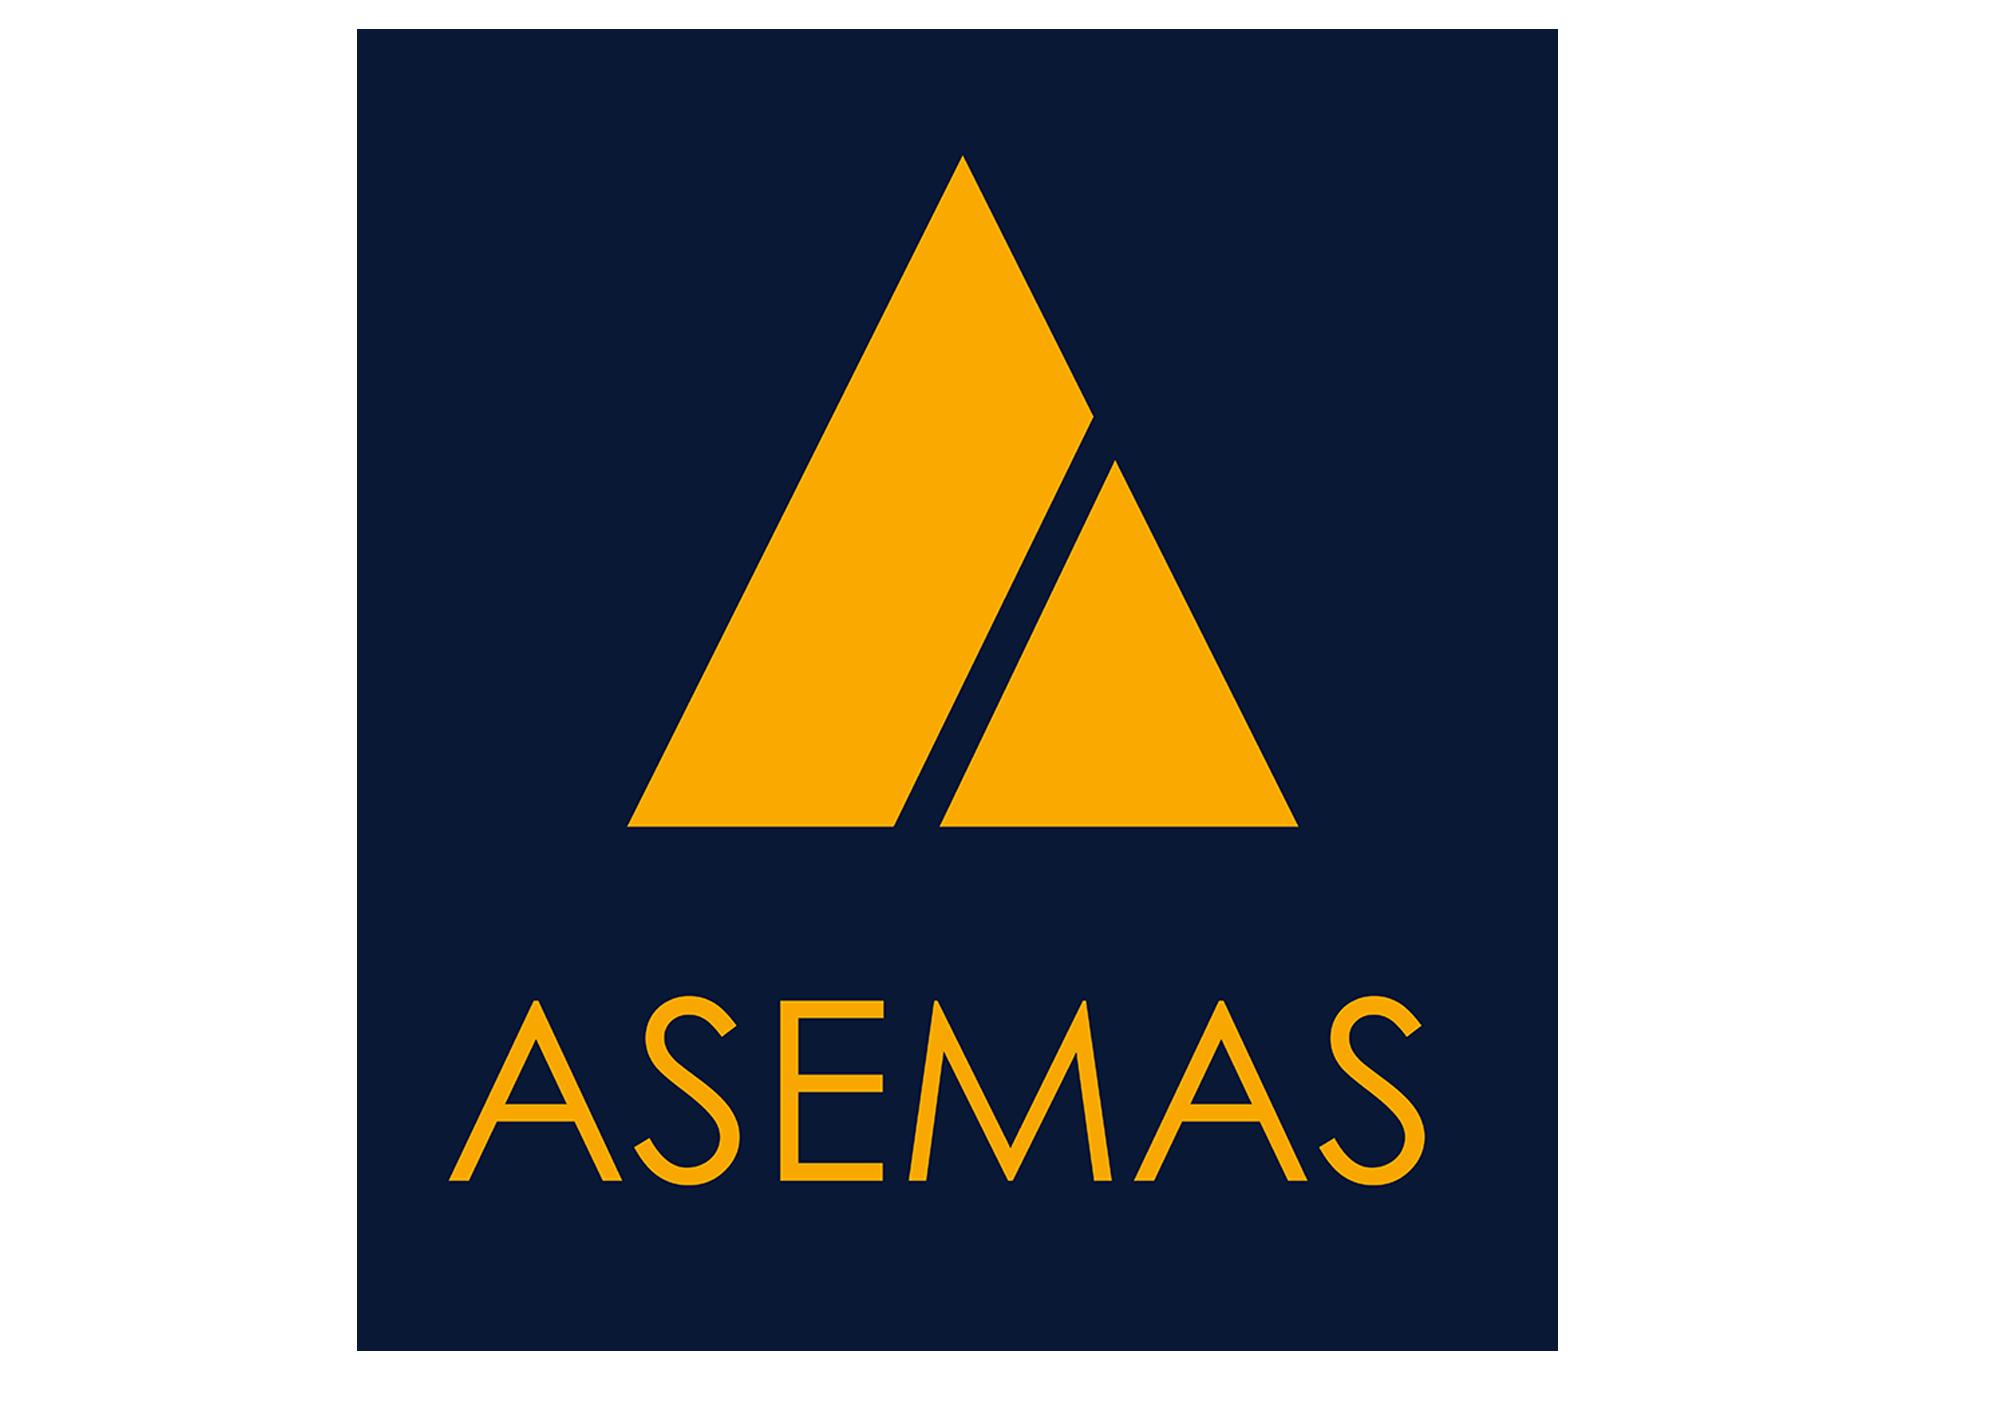 ASEMAS logos2